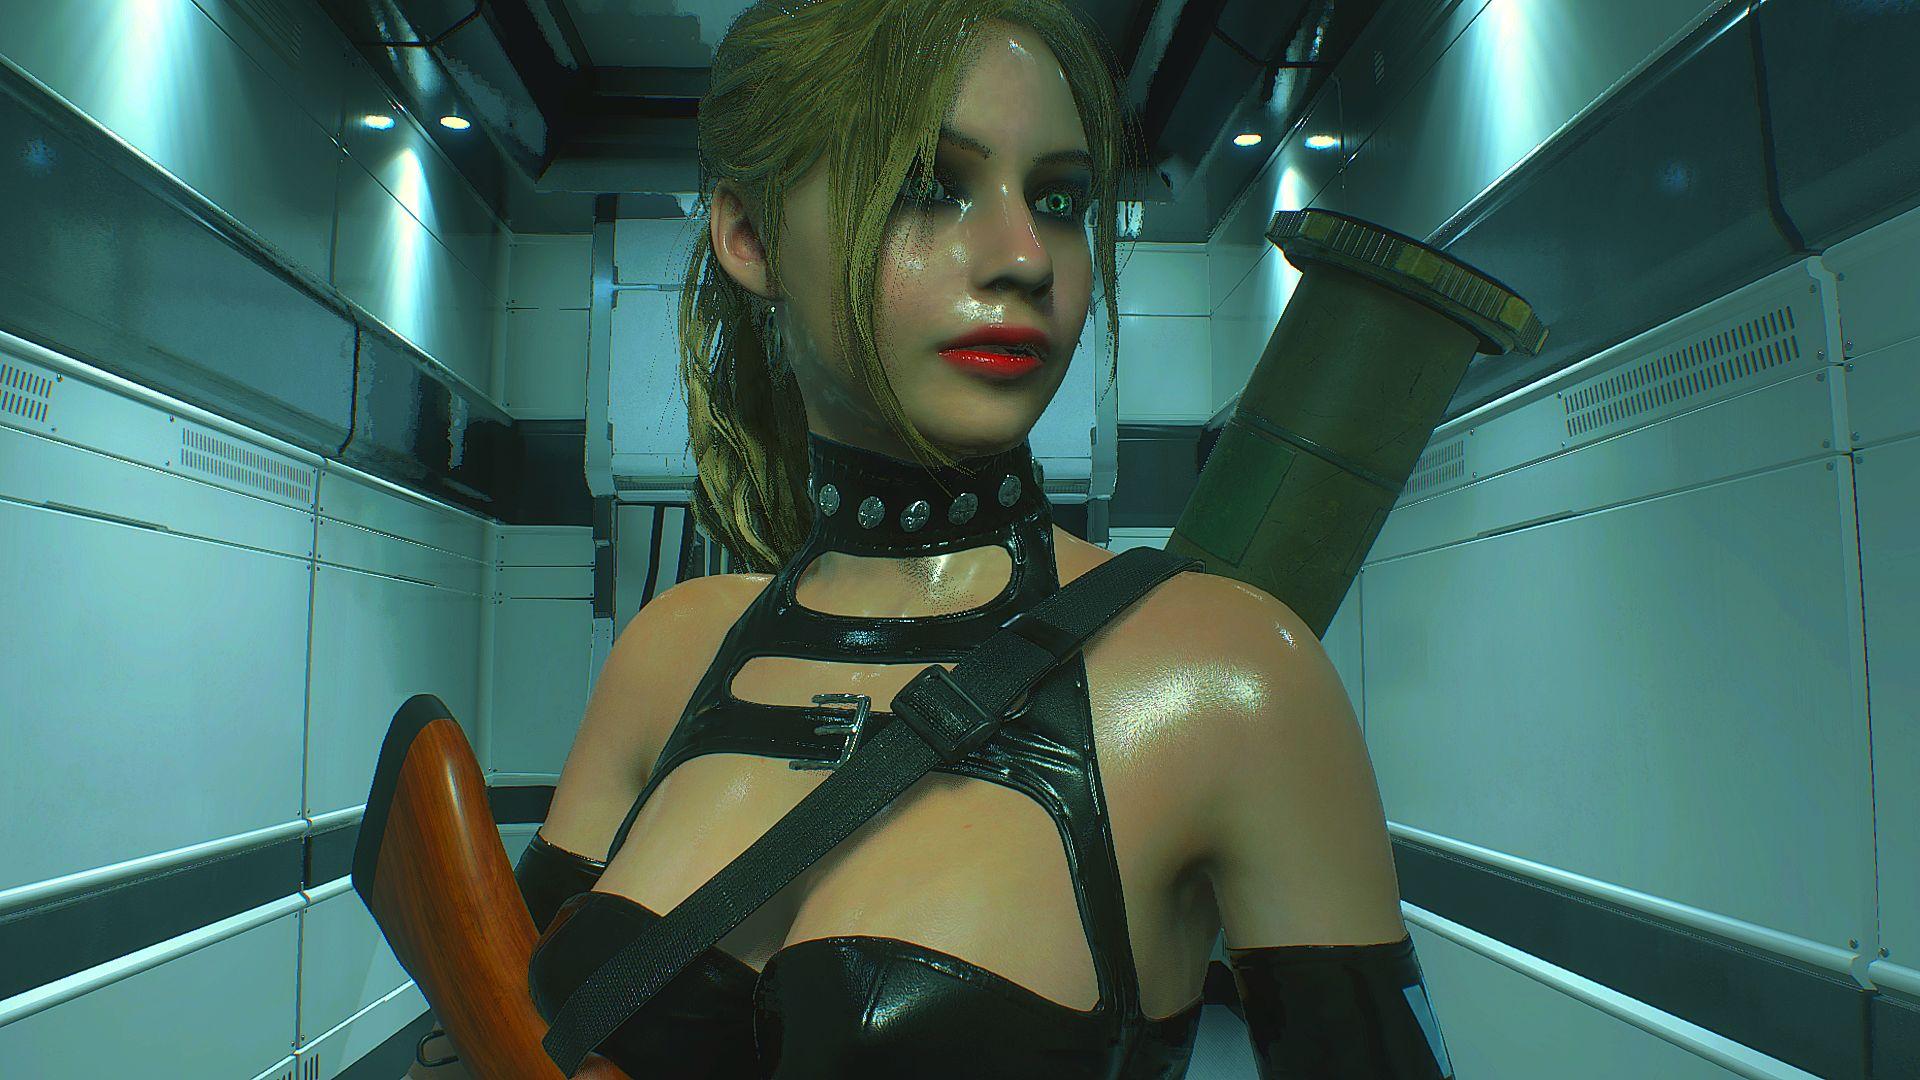 00030.Jpg - Resident Evil 2